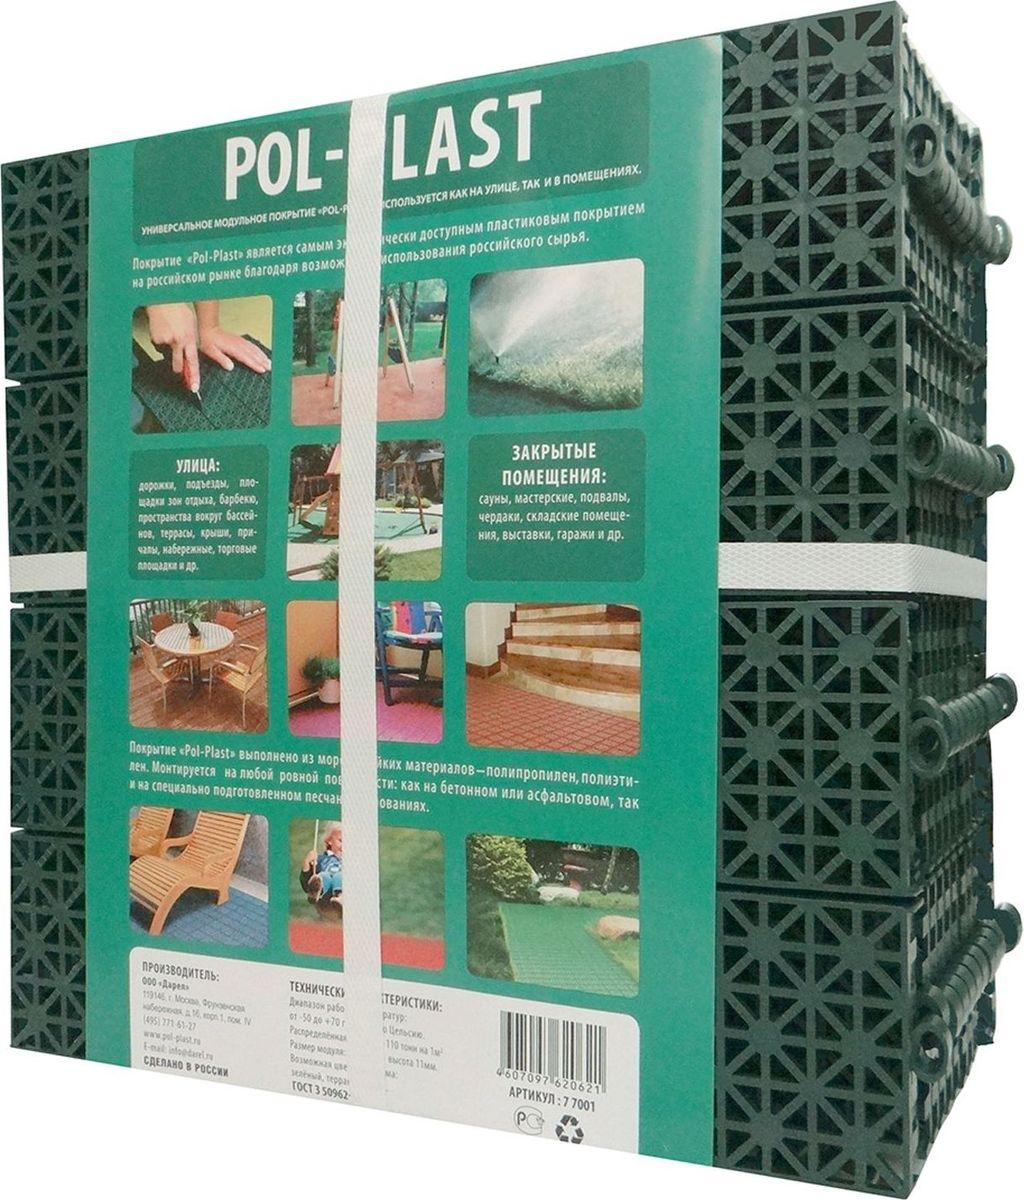 Настил садовый, цвет: зеленый, 30 х 30 см, 9 шт531-402Покрытие PolPlast идеально подойдёт для любой зоны ваших владений и в доме, и под открытым небом. С ним вам не придётся ломать голову, что положить на пол в прихожей, а что — на балконе, чем вымостить дорожку или площадку для барбекю.PolPlast справится с ролью идеального покрытия в любом месте. Единый материал (термопласт) позволит сохранить схожий стиль в дизайне, а цвет покрытия можно выбрать из двух самых распространённых в ландшафтном дизайне: терракота (под цвет обожжённой глины) и зелёный (под цвет травы).Это покрытие отлично переносит морозы, устойчиво к воздействию окружающей среды. Так что за долговечность вы можете быть спокойны. Никаких особых подготовительных работ для укладки проводить не нужно. Вы можете уложить его на траву или даже на старое покрытие. Главное, чтобы поверхность была ровной.Пластиковое покрытие PolPlast — прекрасный теплоизолятор, который имеет рельефную поверхность. Эти качества делают его удобным для использования в бане и сауне, а также в зоне возле бассейна.ХарактеристикиРазмер модуля: 300 ? 300 ? 110 мм.Материал: термопласт.Температурный диапазон: от ?40 до +40 °С.